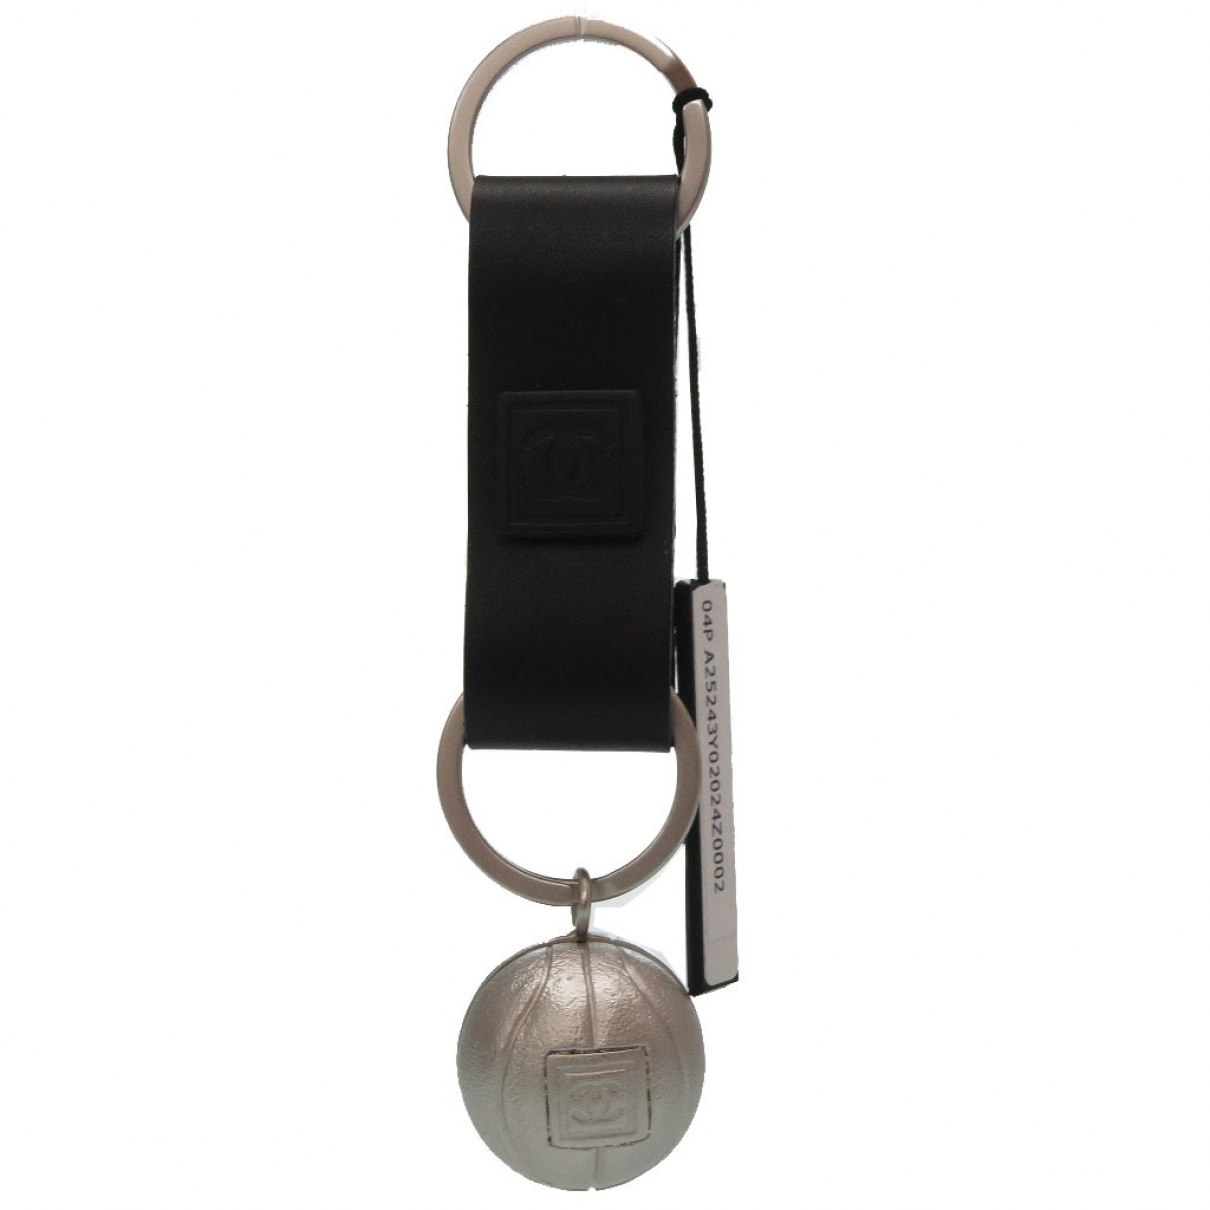 Chanel - Petite maroquinerie   pour femme en cuir - argente